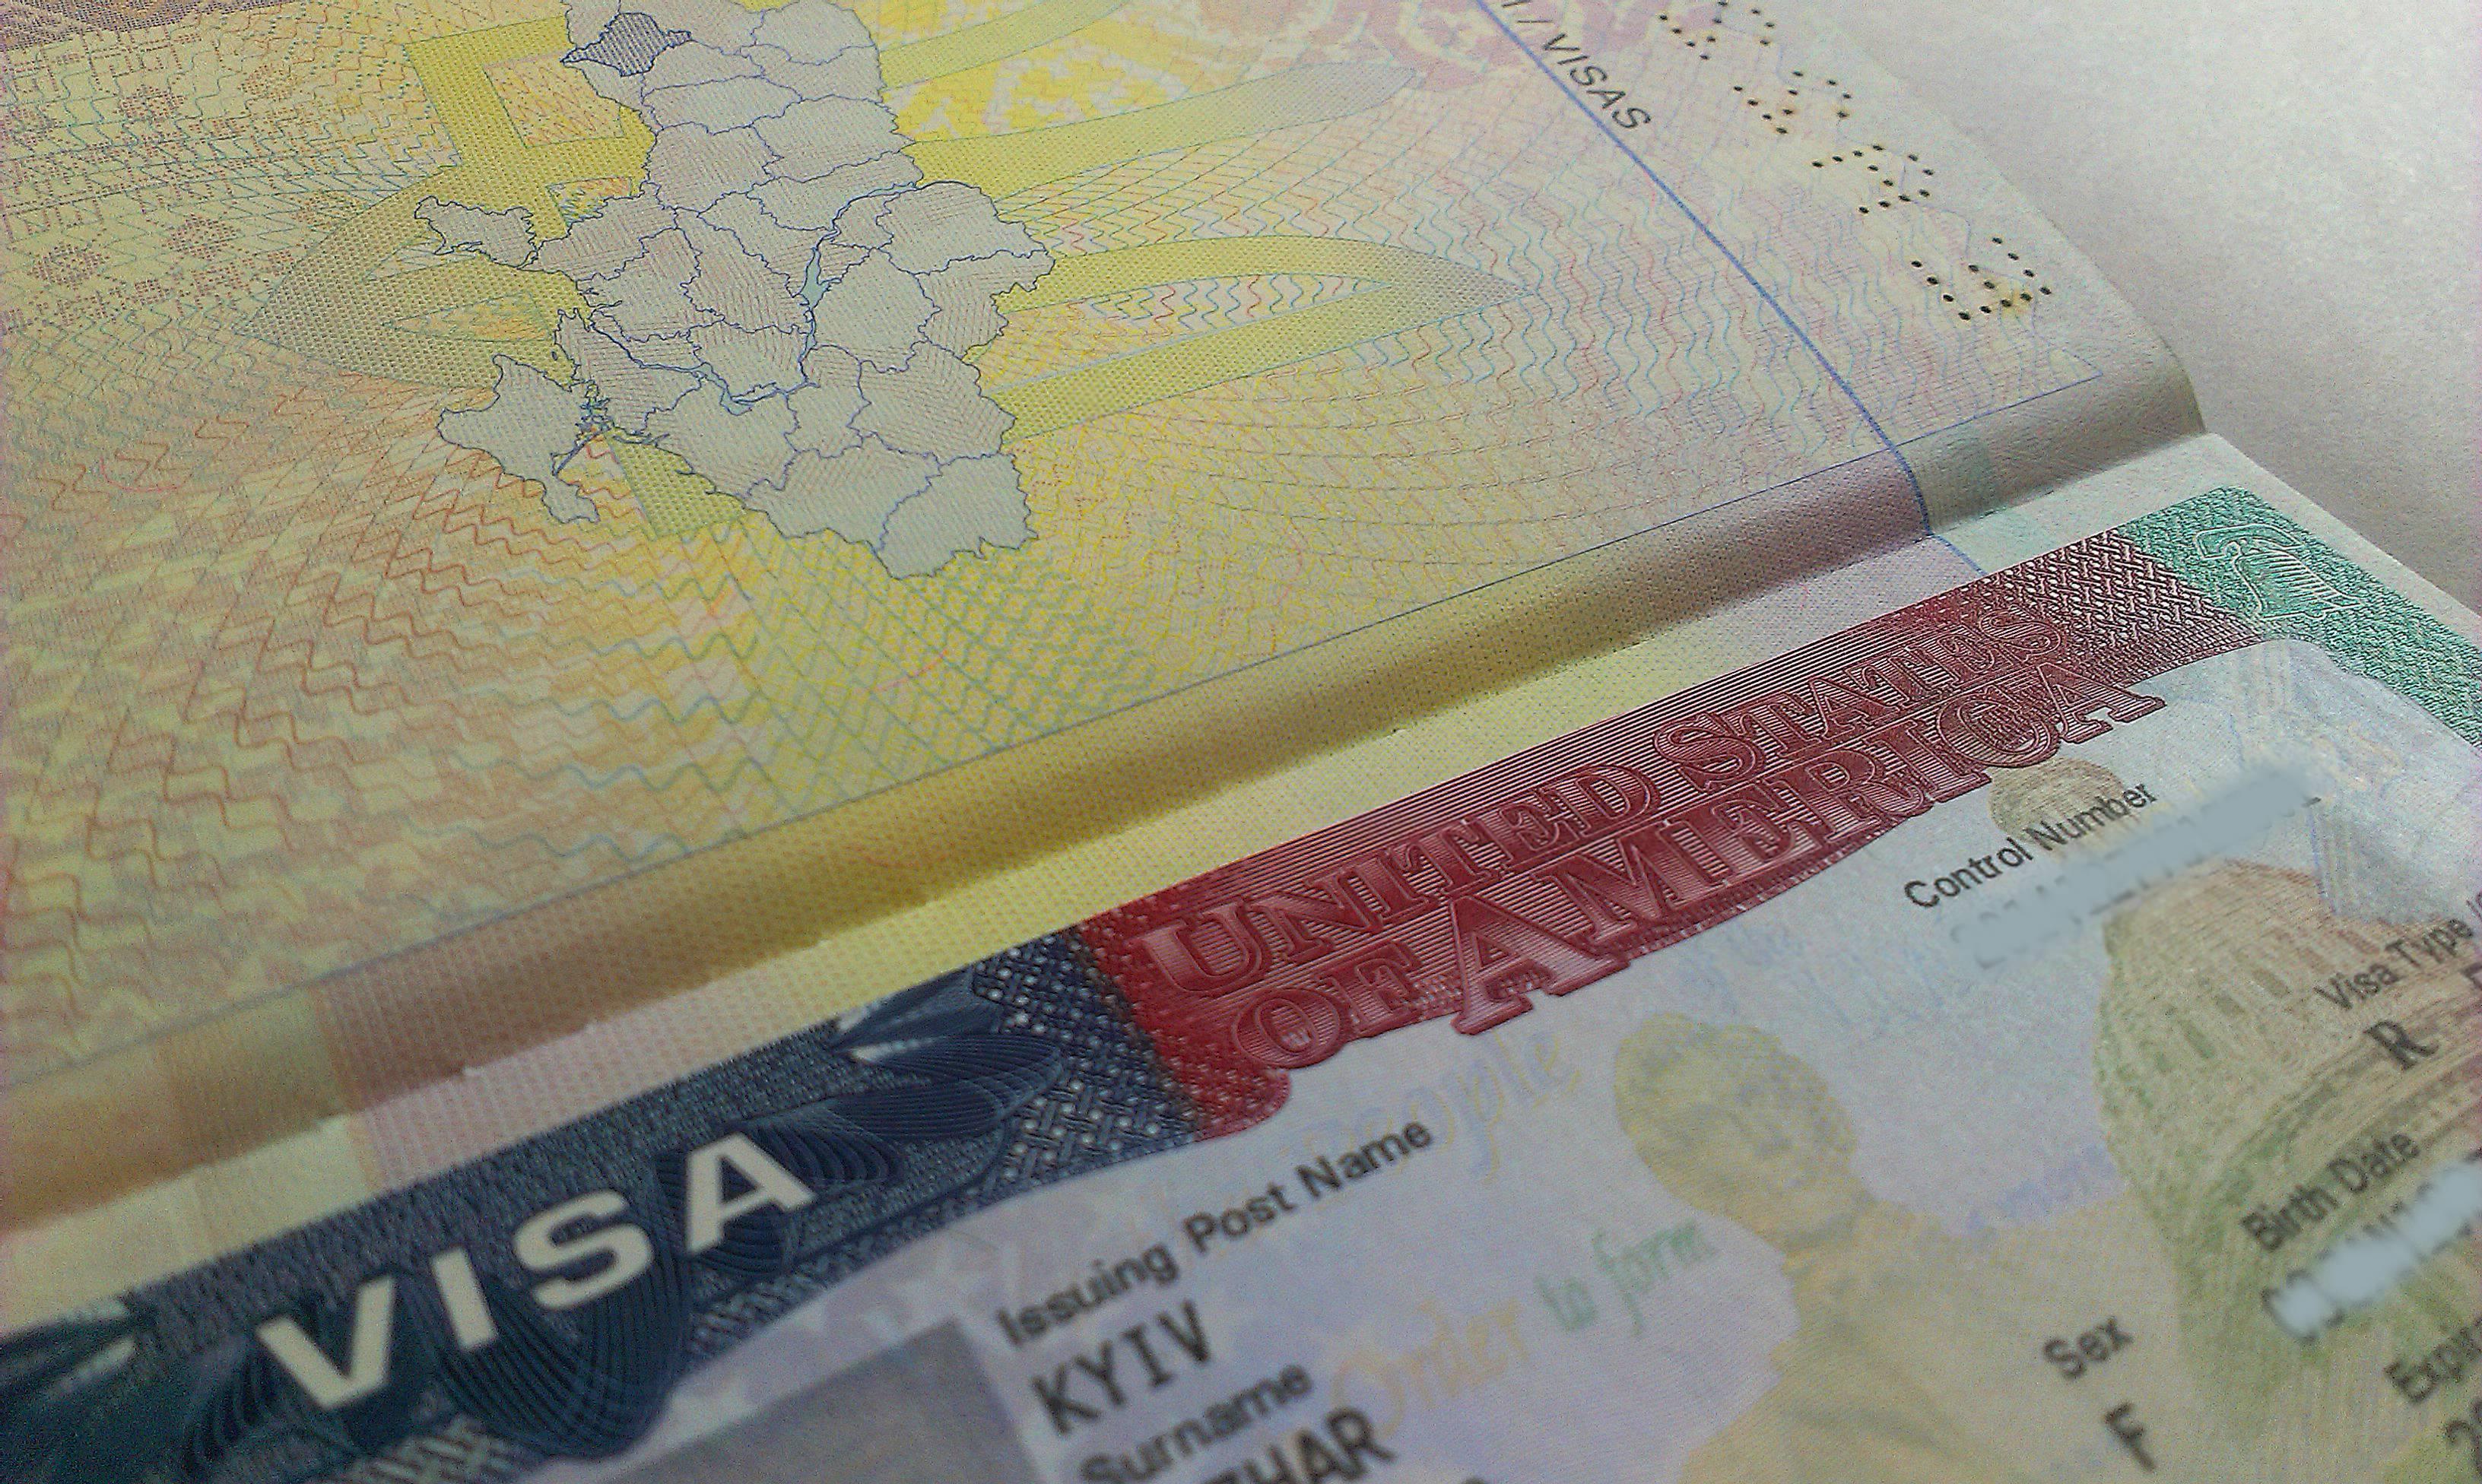 Виза в израиль для россиян 2020: нужна ли виза, рабочая виза и шенген